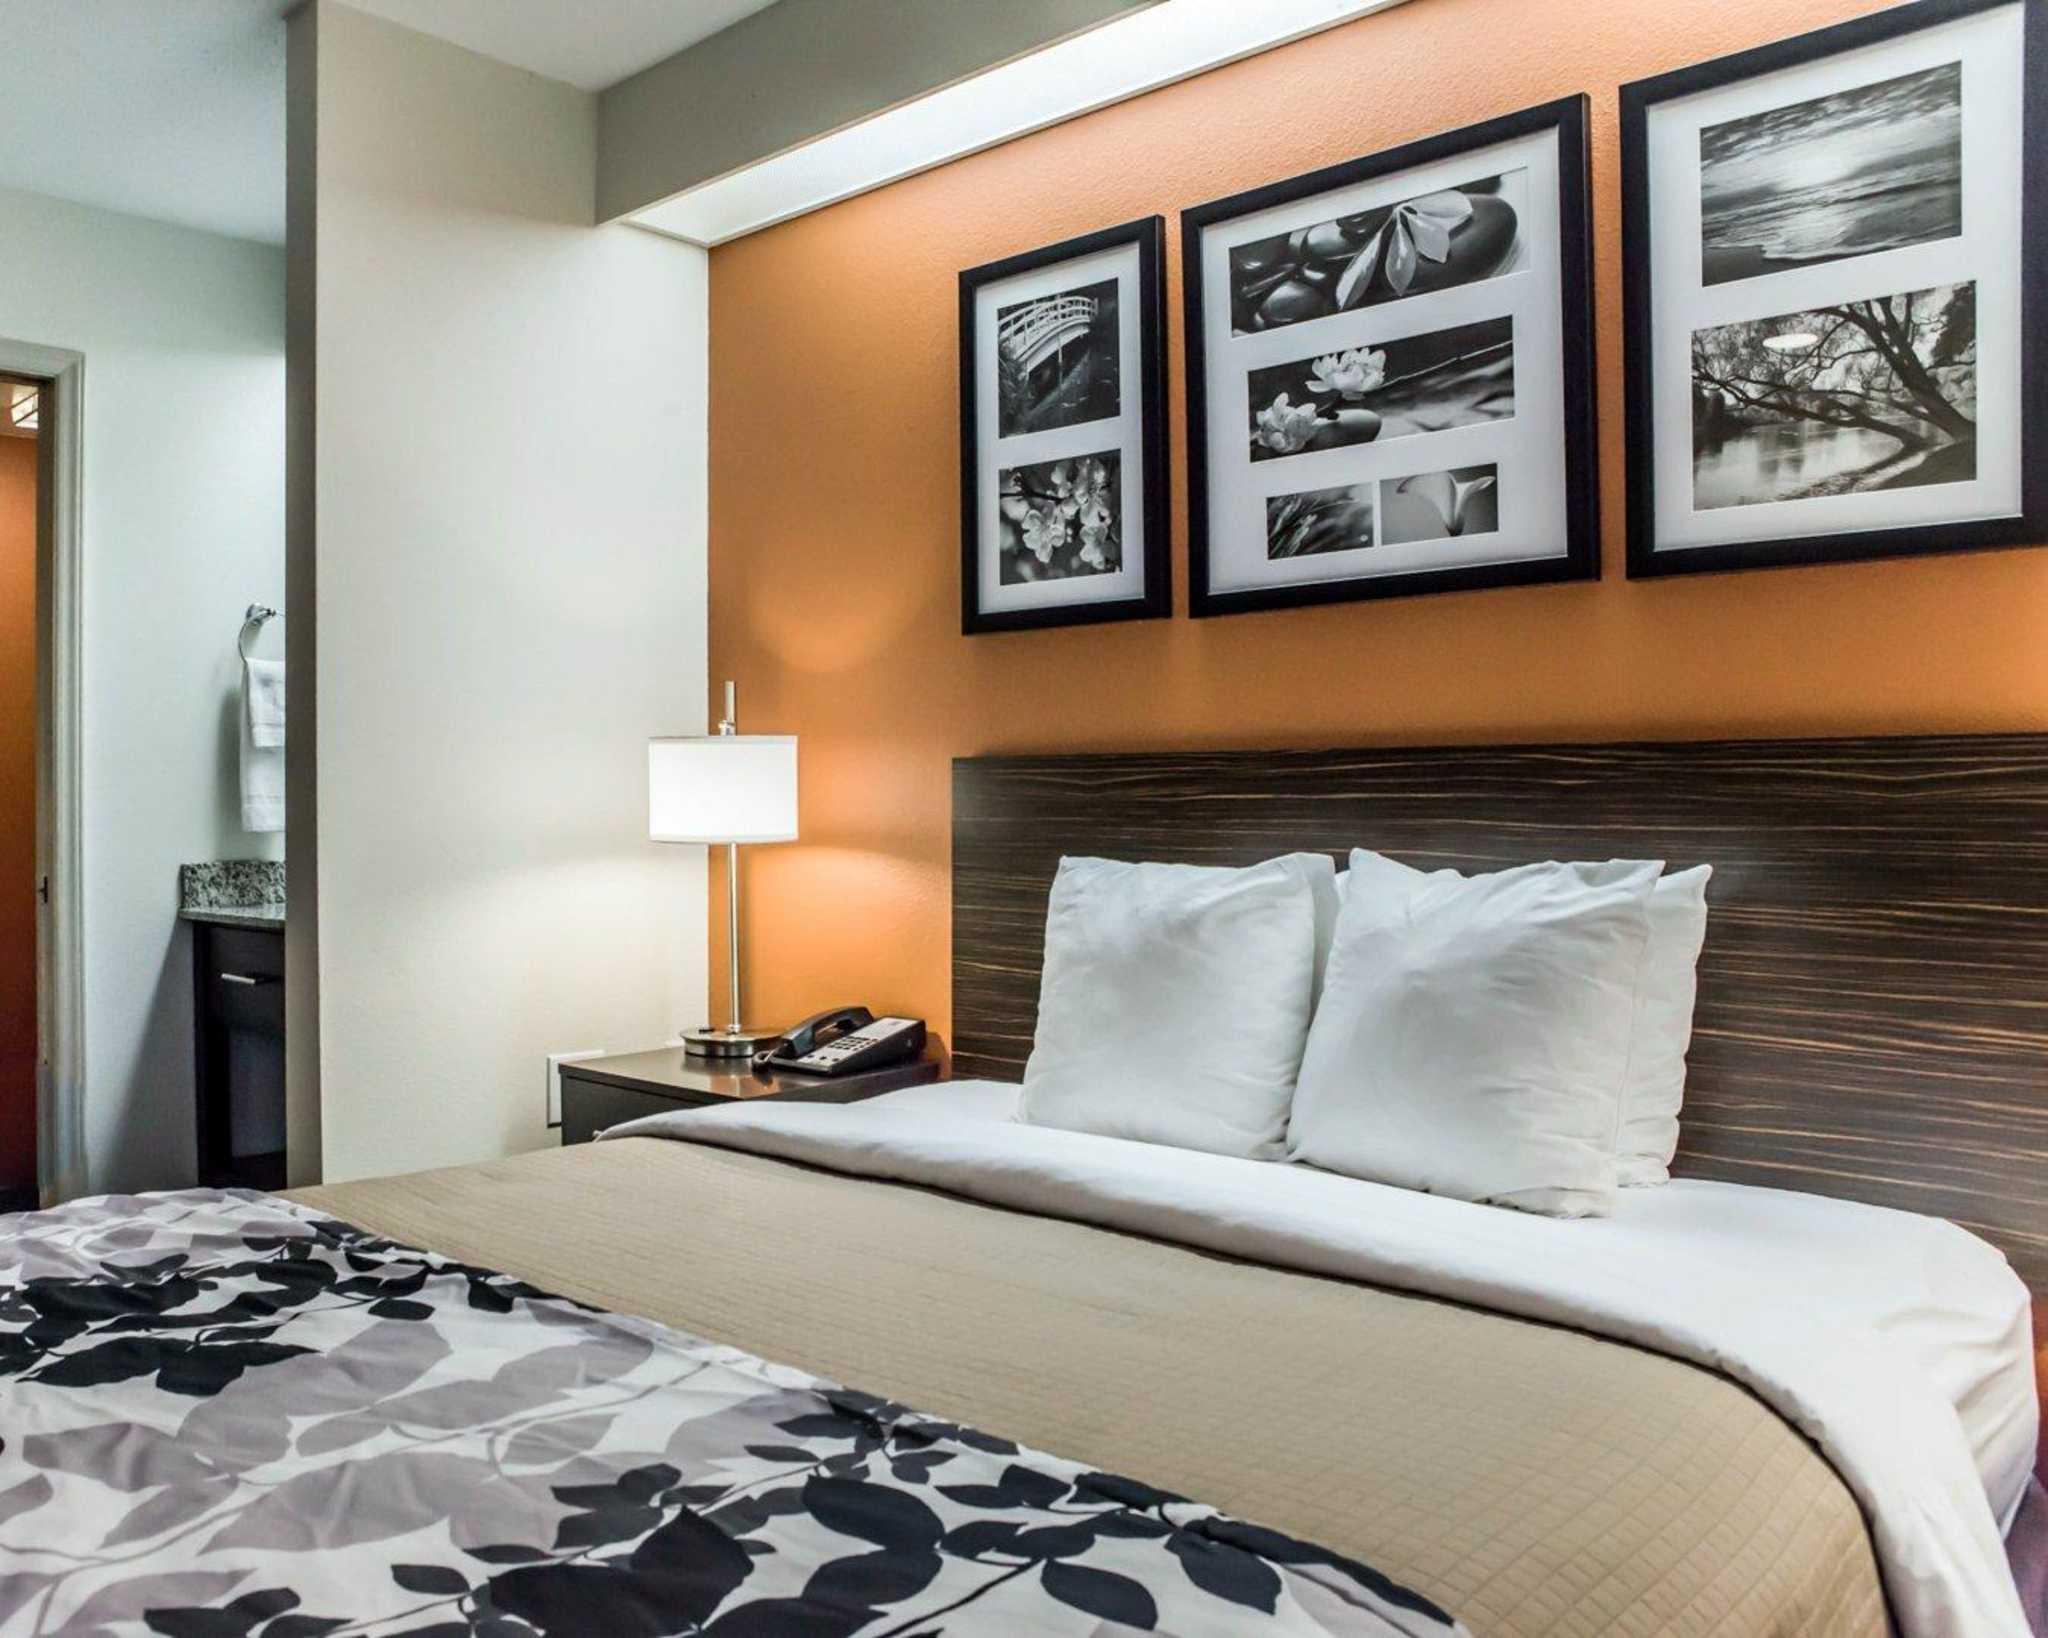 Sleep Inn image 15